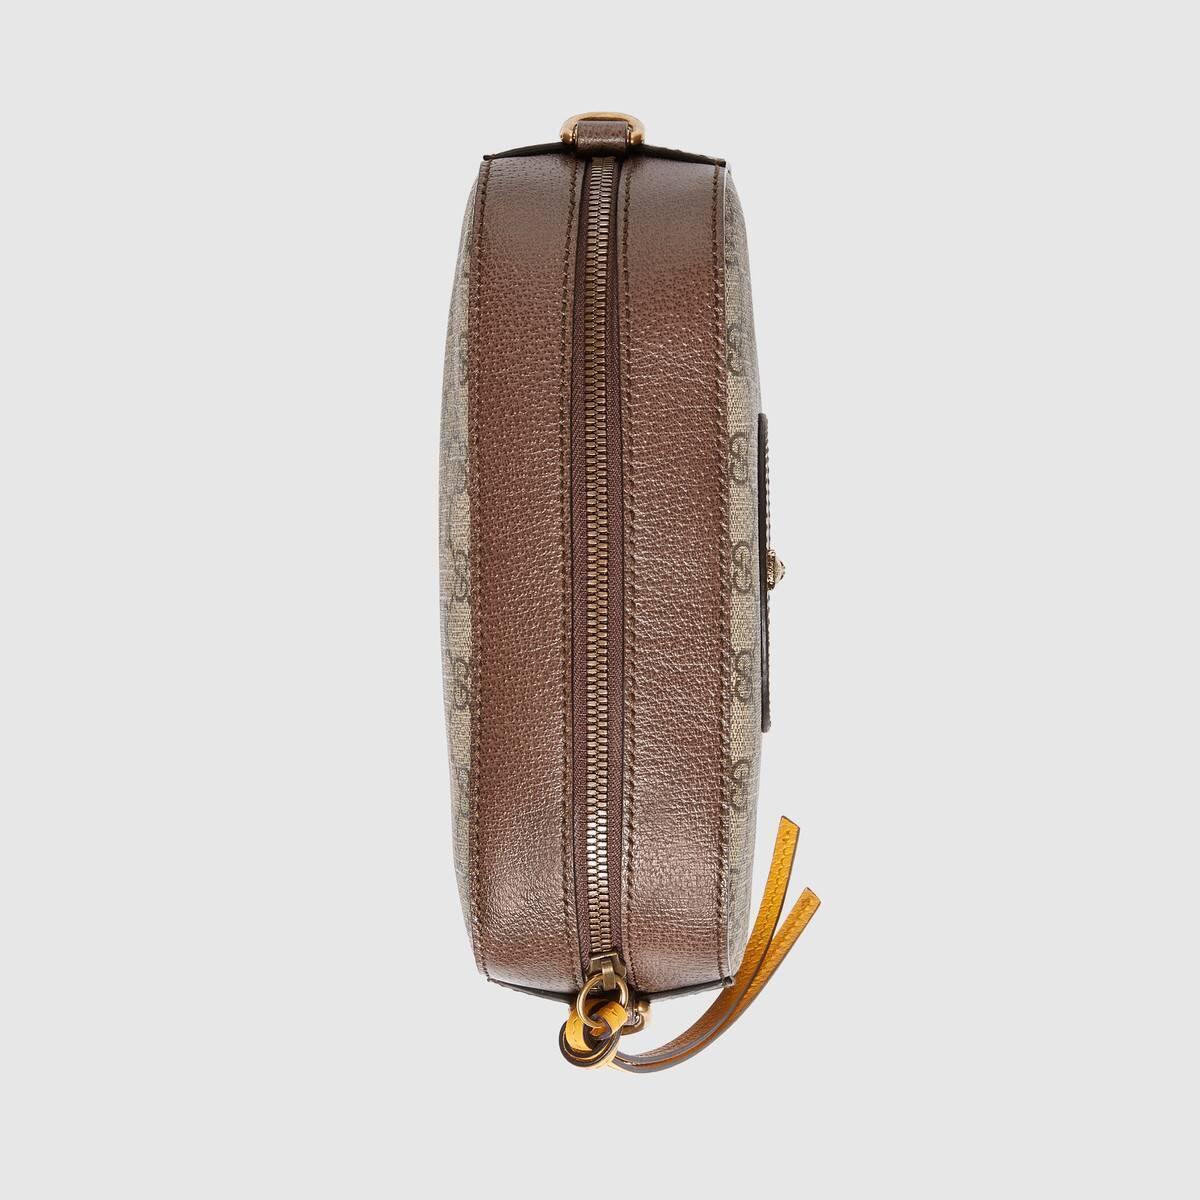 GUCCI Satchels Neo Vintage GG Supreme messenger bag 4